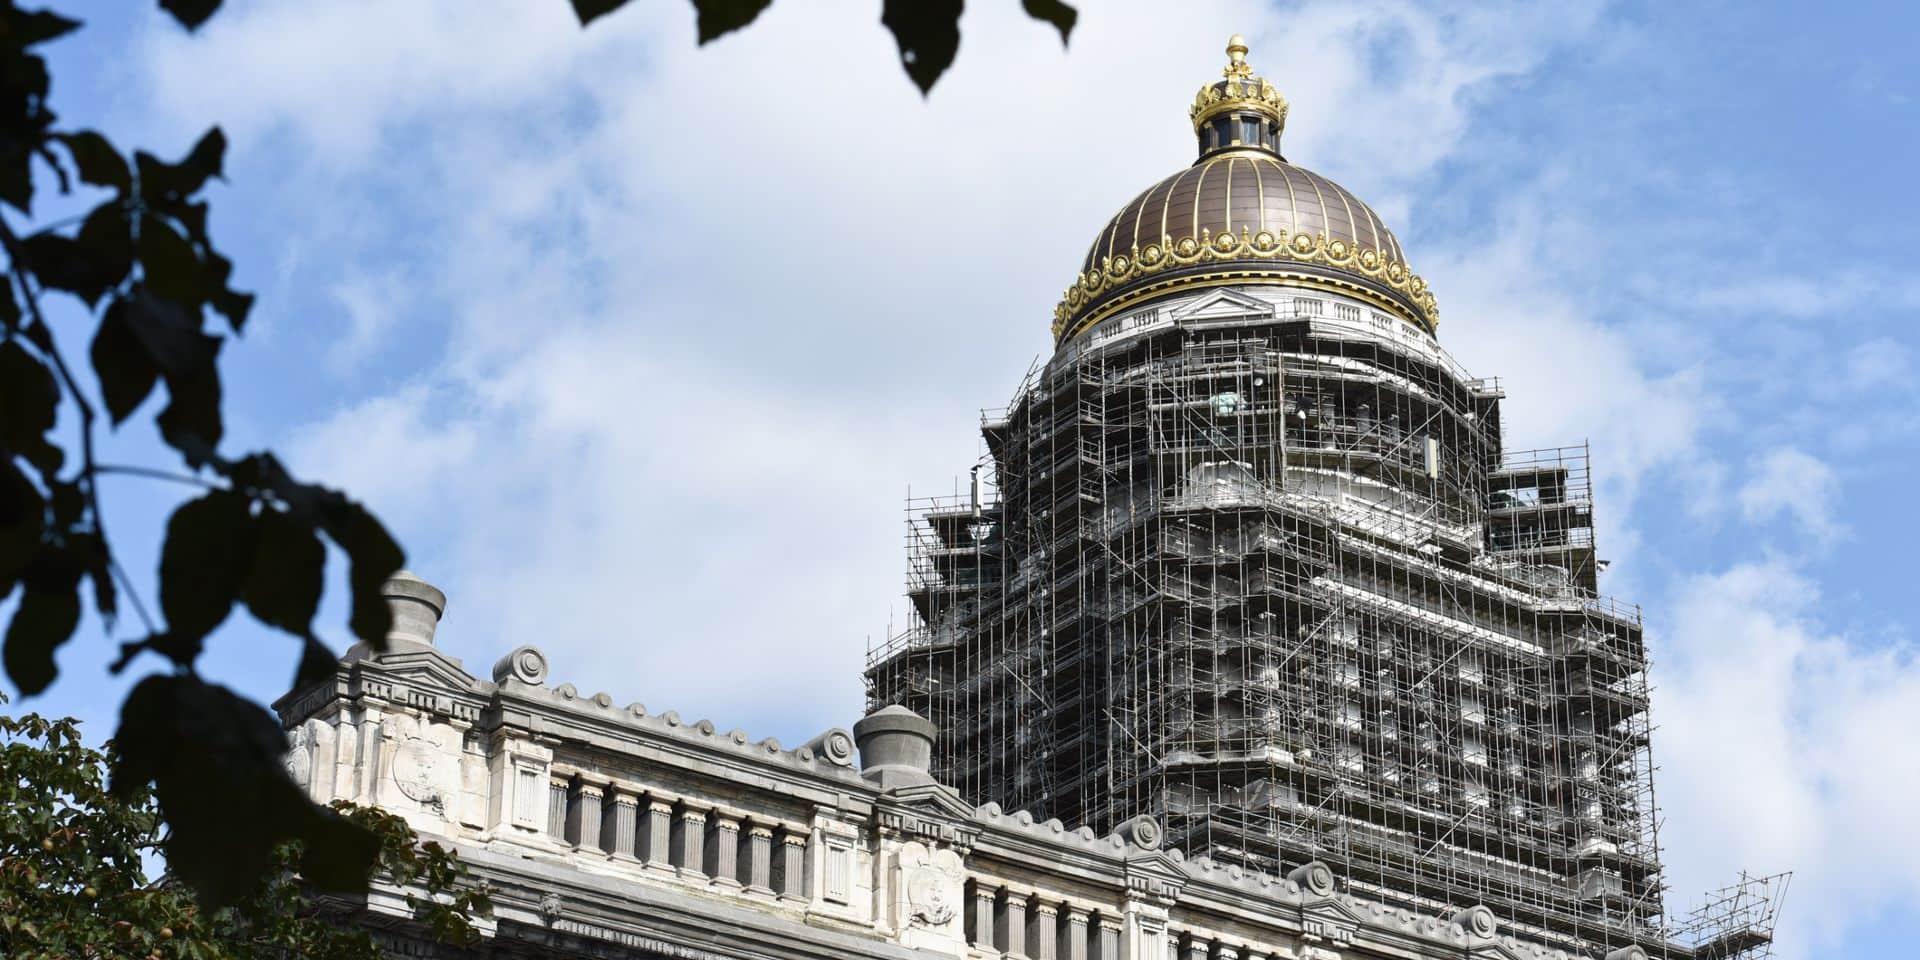 Jusqu'à 15 000 euros pour mettre en valeur le patrimoine bruxellois